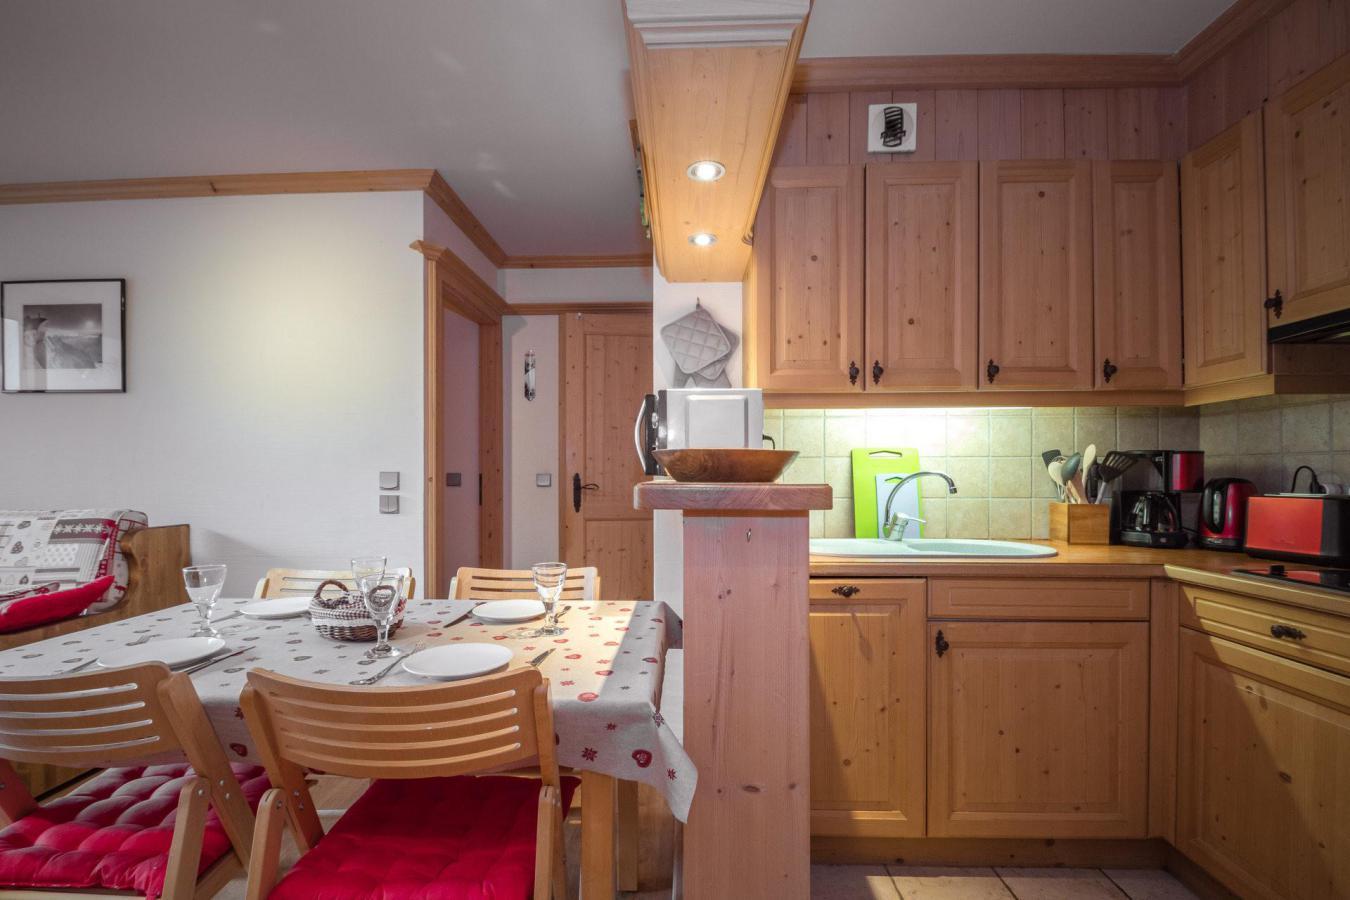 Location au ski Appartement 2 pièces 4 personnes - Residence Les Chalets Du Savoy - Orchidee - Chamonix - Extérieur hiver